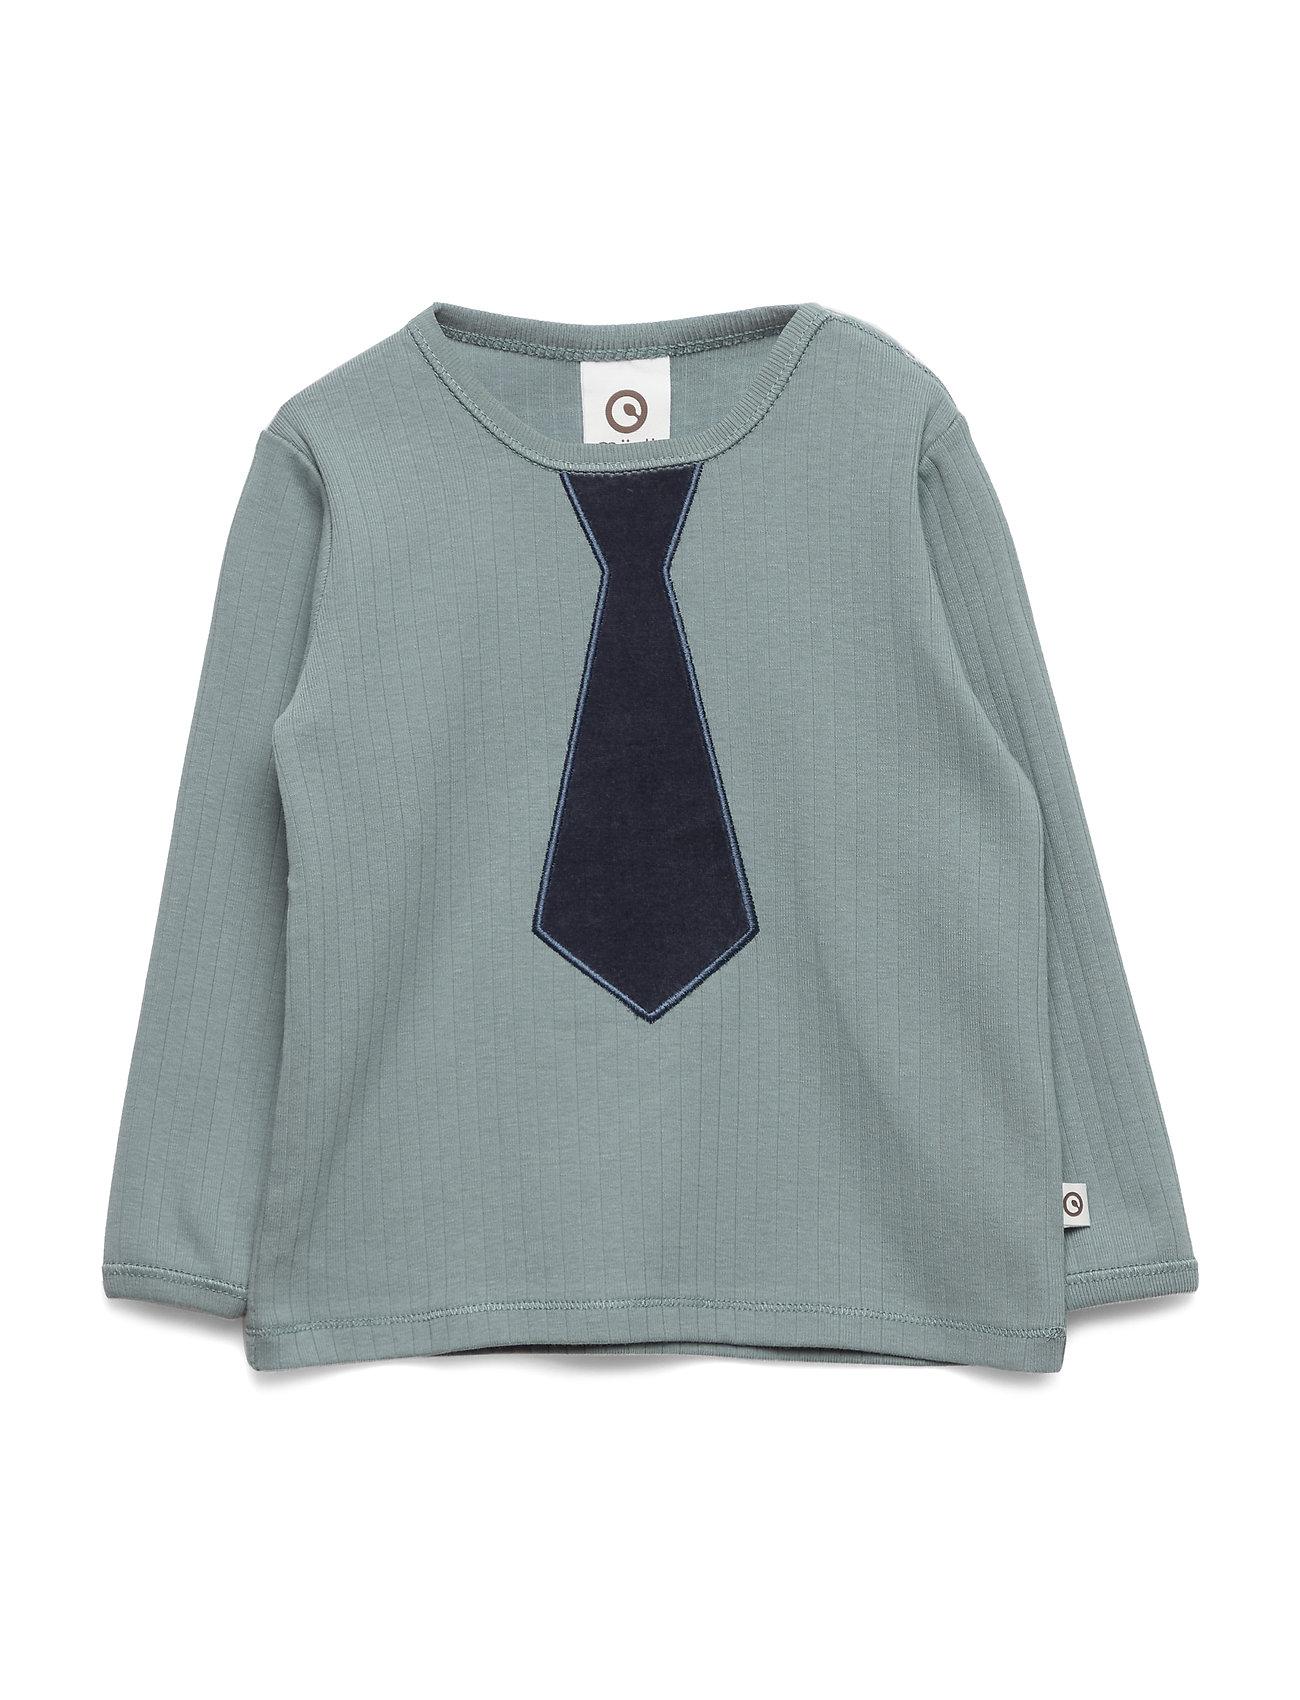 Müsli by Green Cotton Cozy tie T - NILE